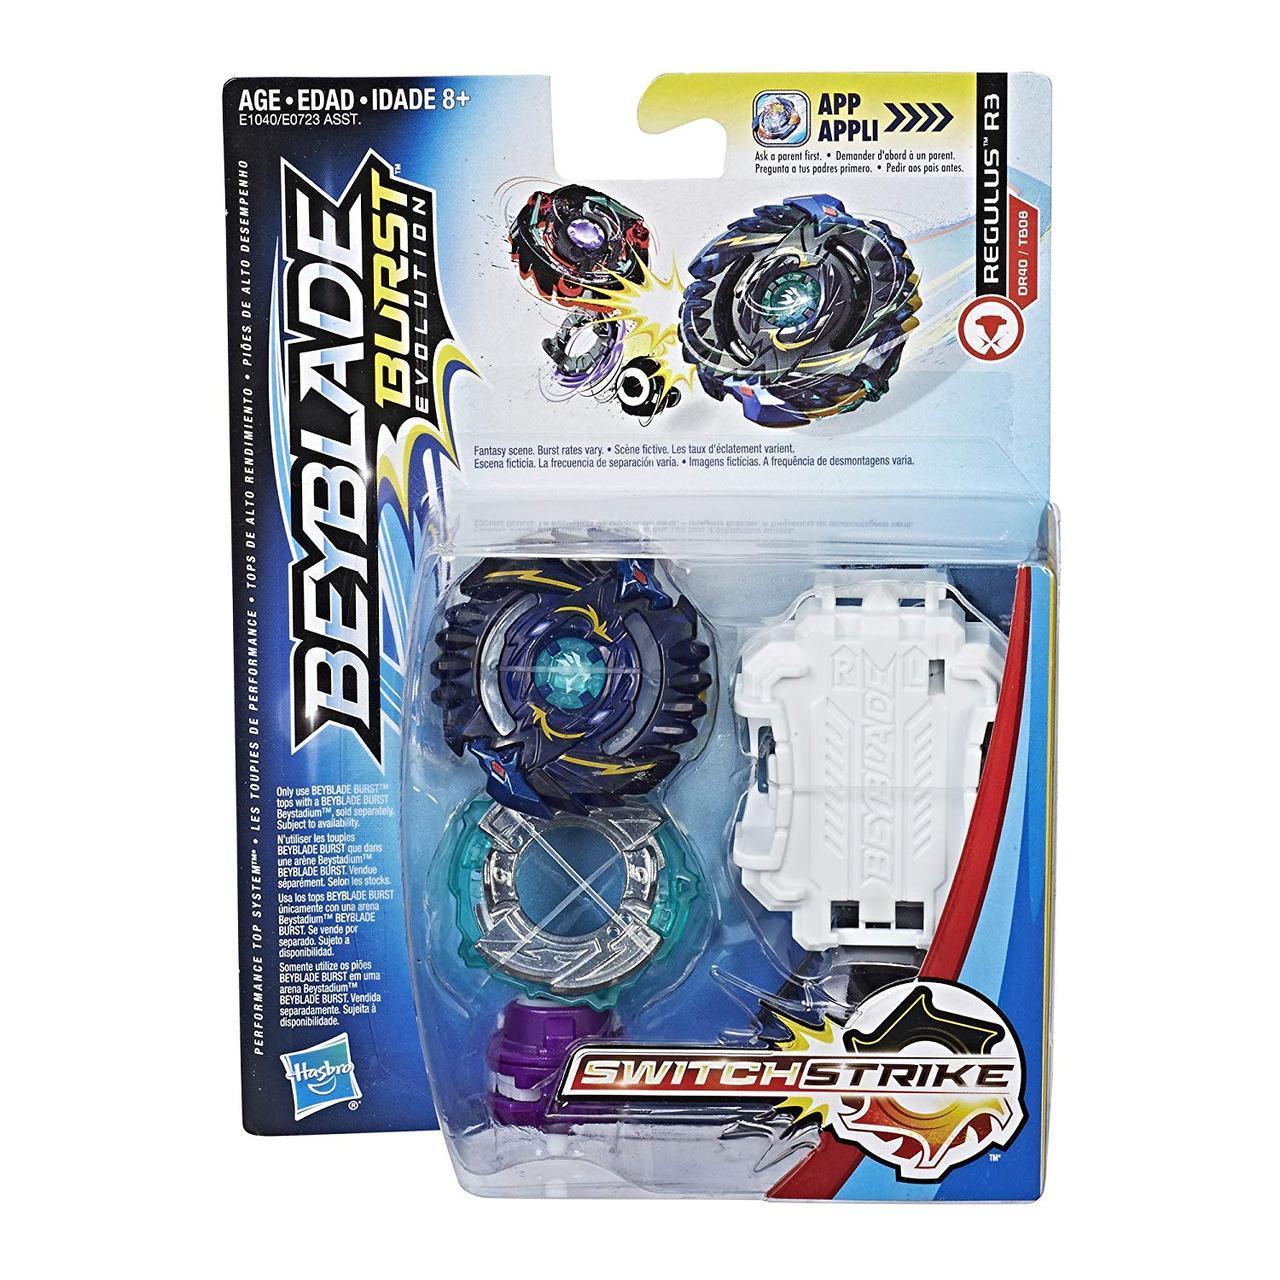 Бейблейд Эволюция Оригинал Регулус р3 с пускателем Hasbro  Beyblade Burst Evolution Regulus R3